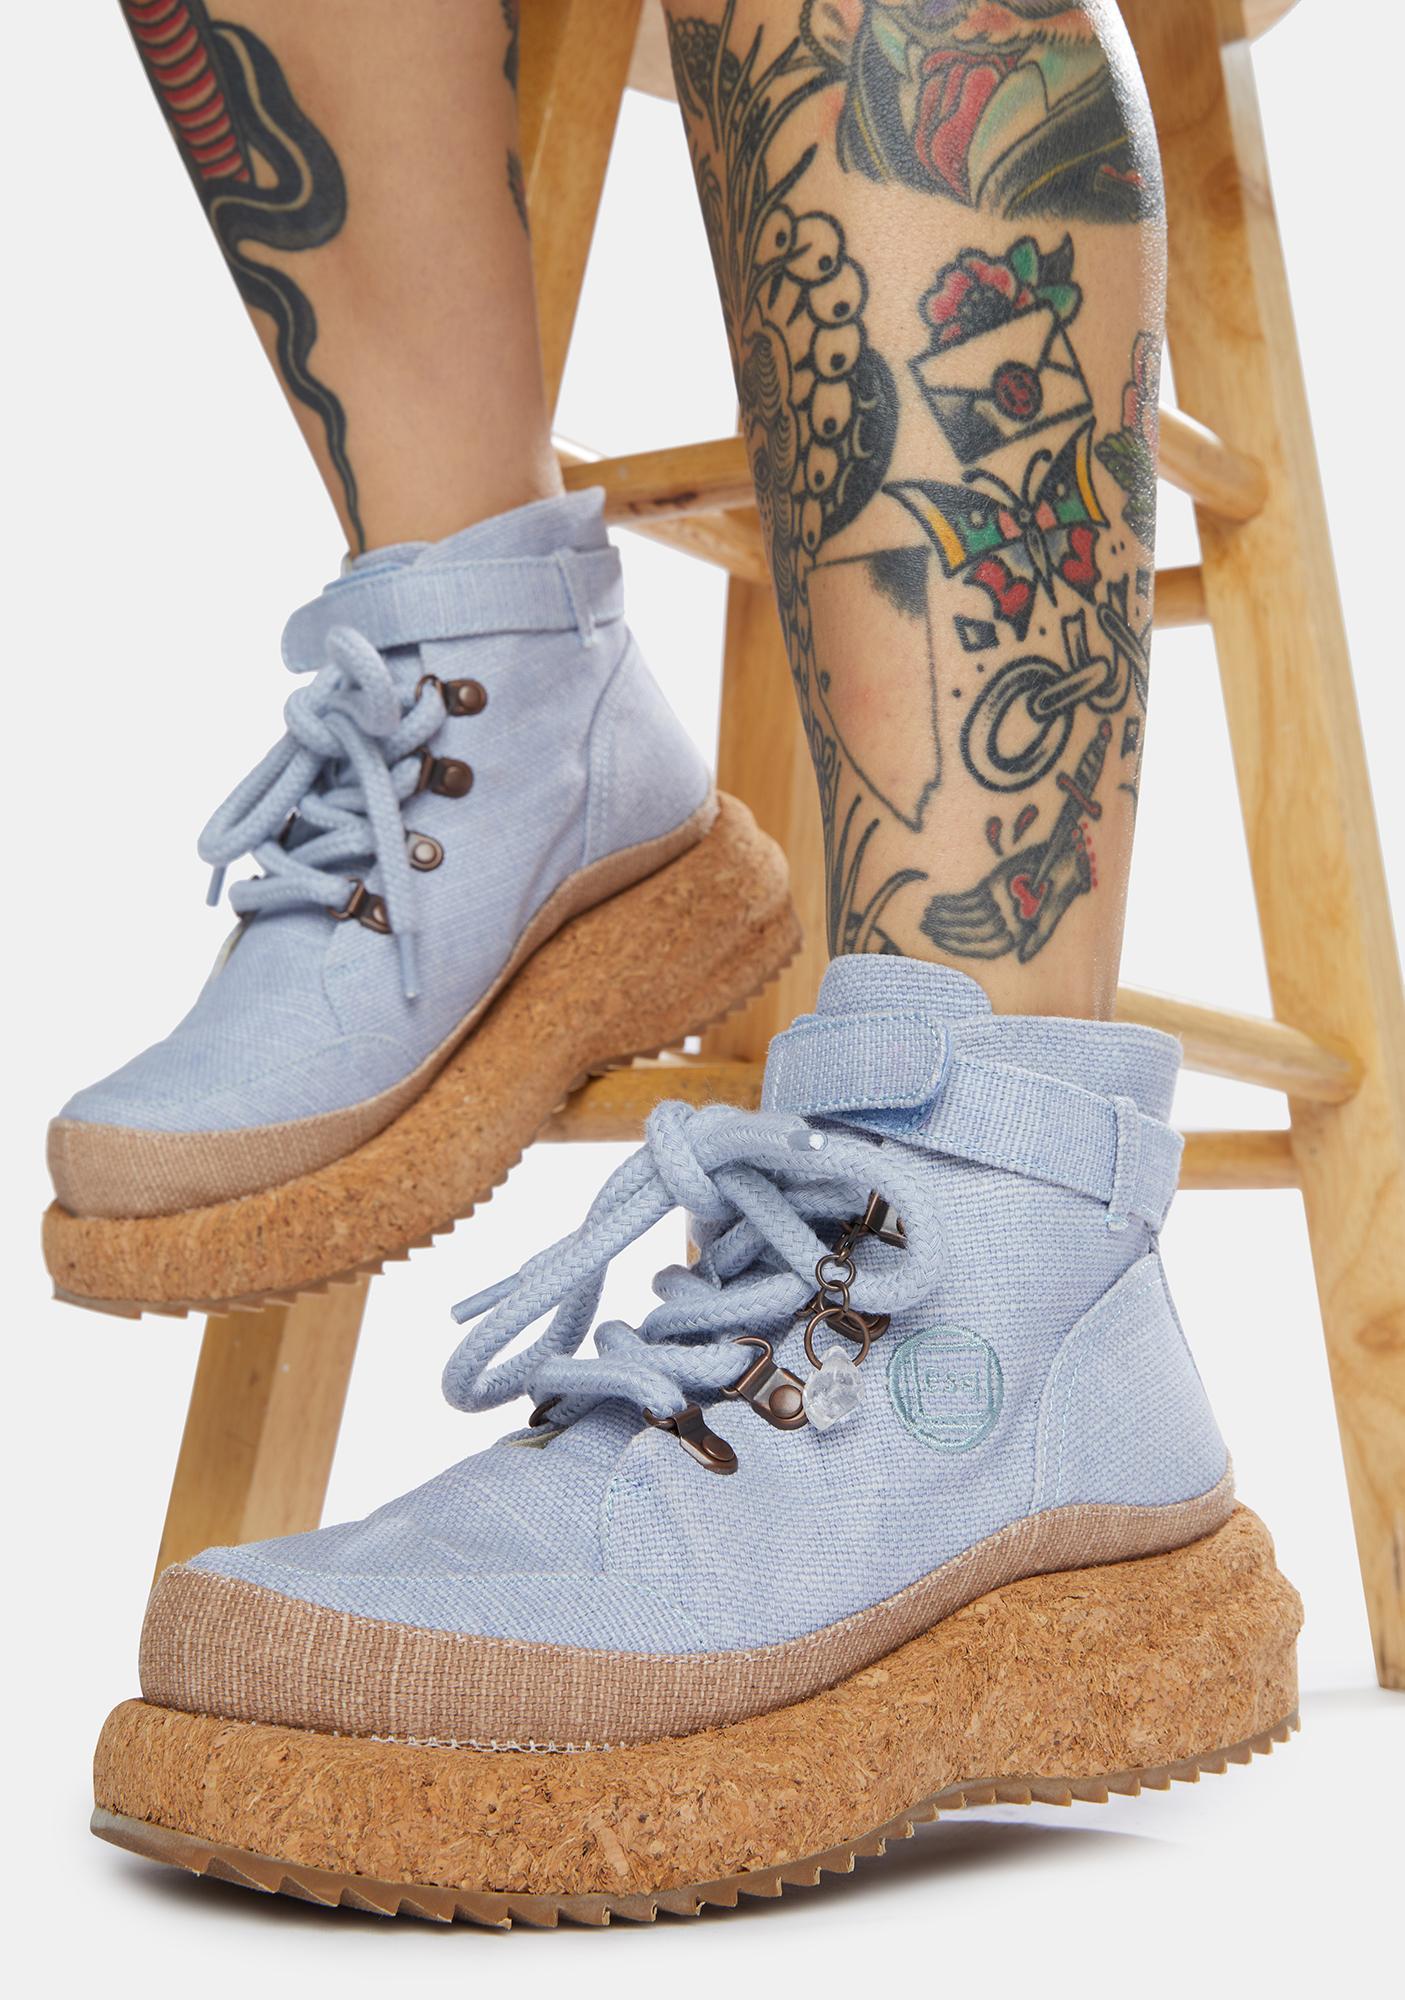 [esq] Blue Gaia Platform Hiker Boots